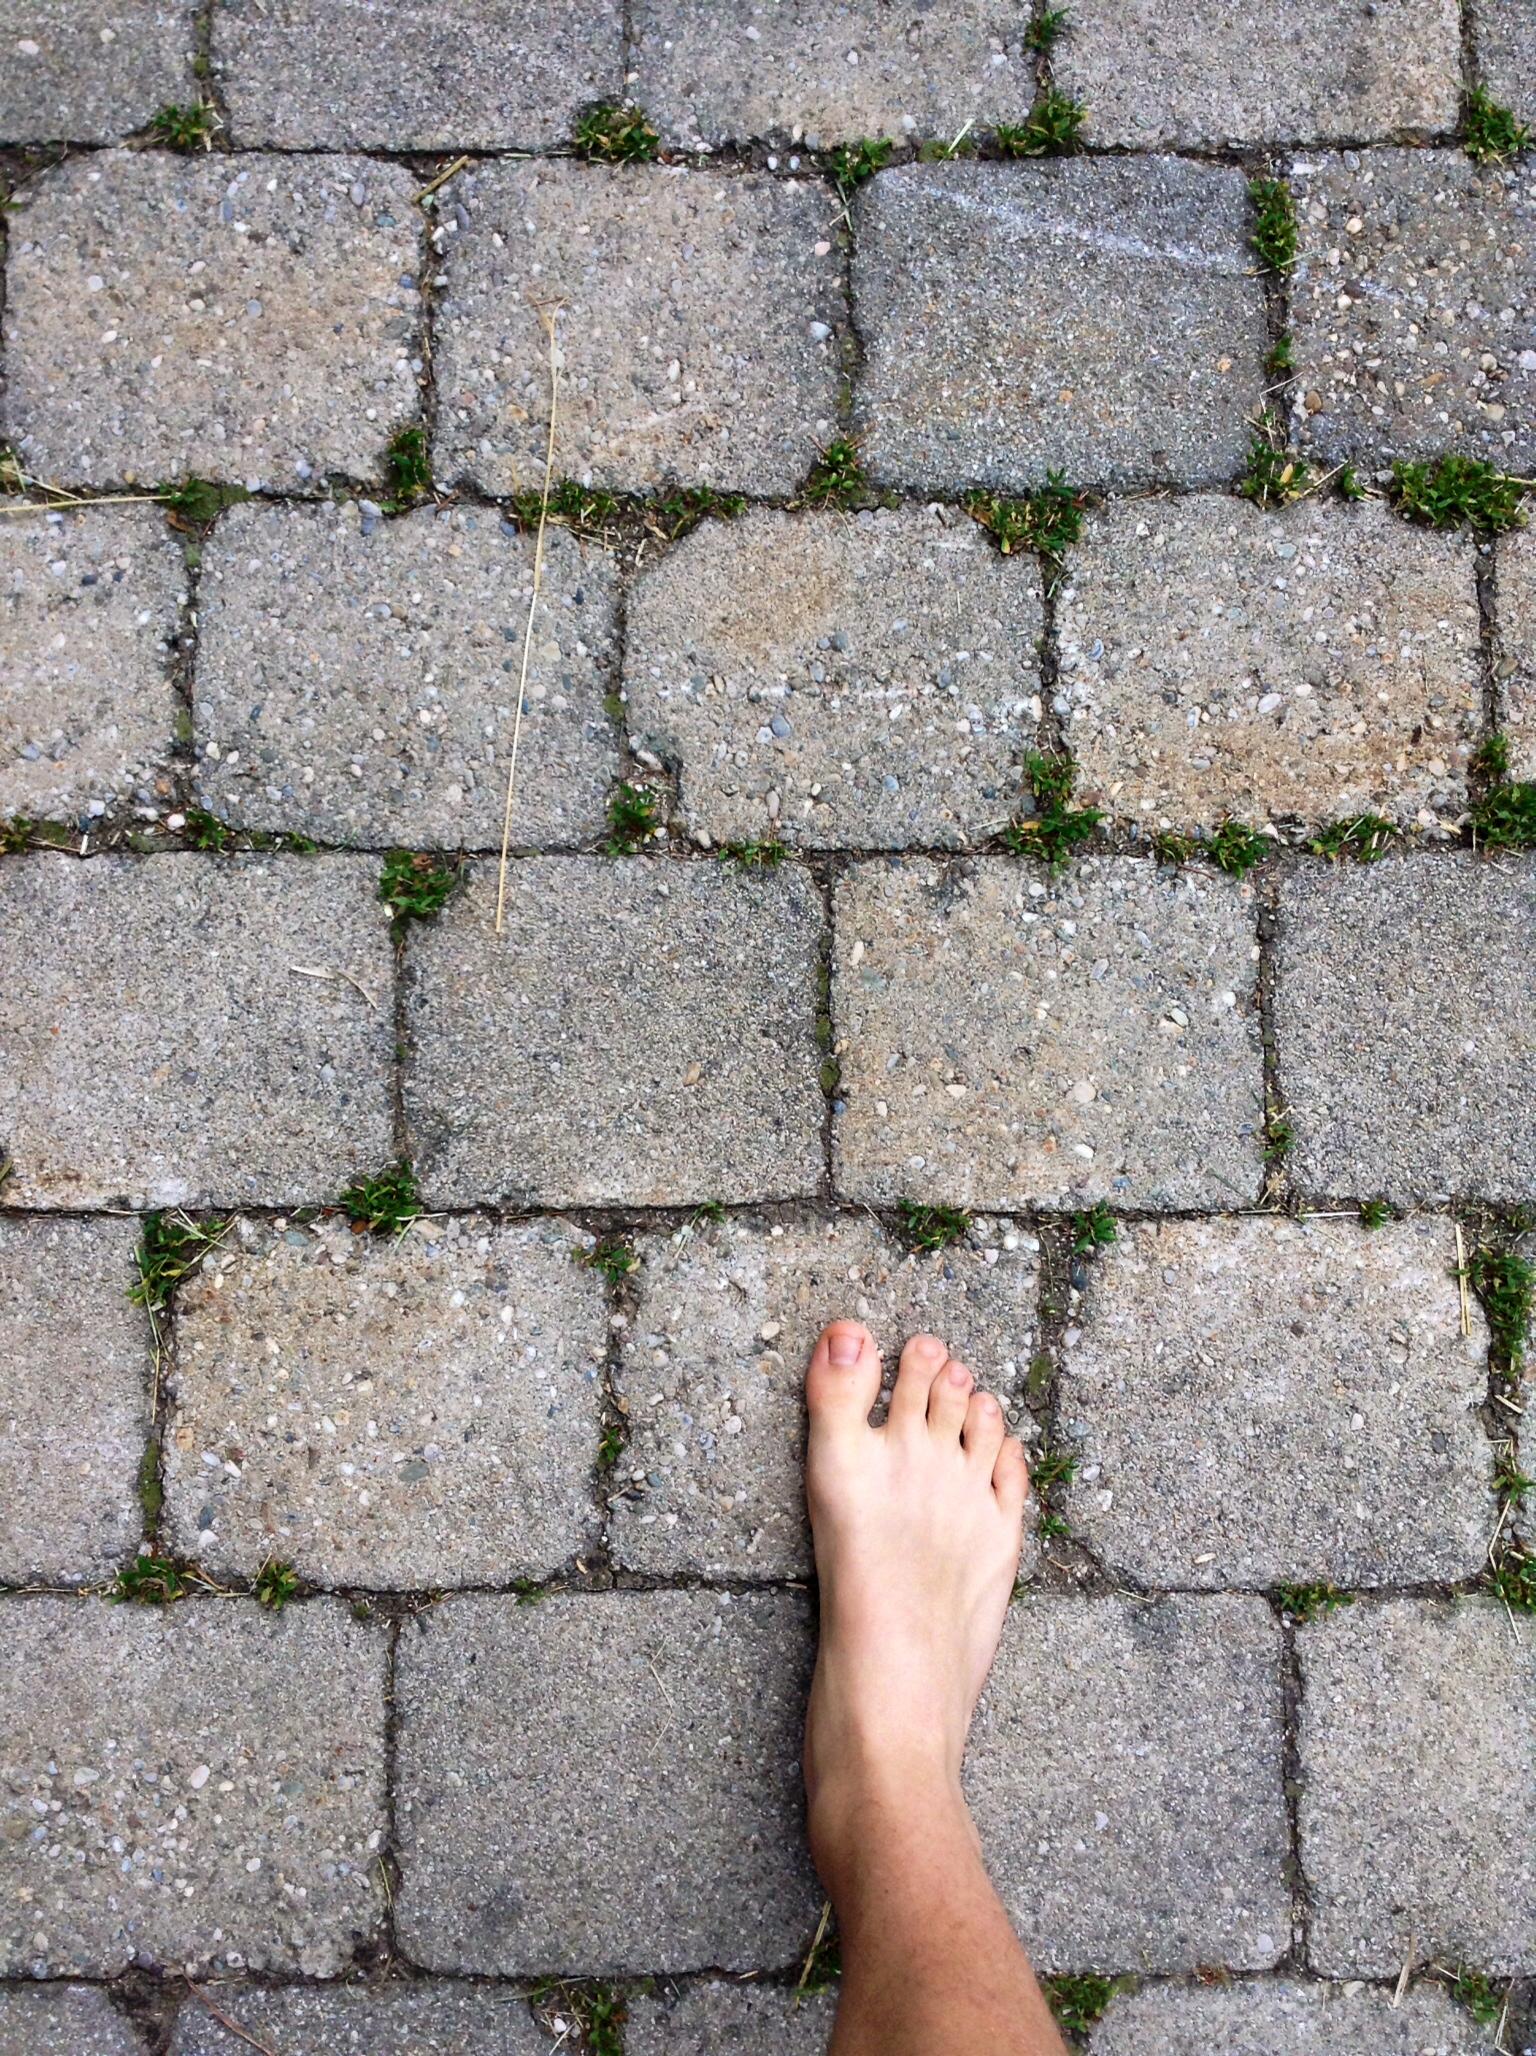 Cobblestone sidewalk w/ foot